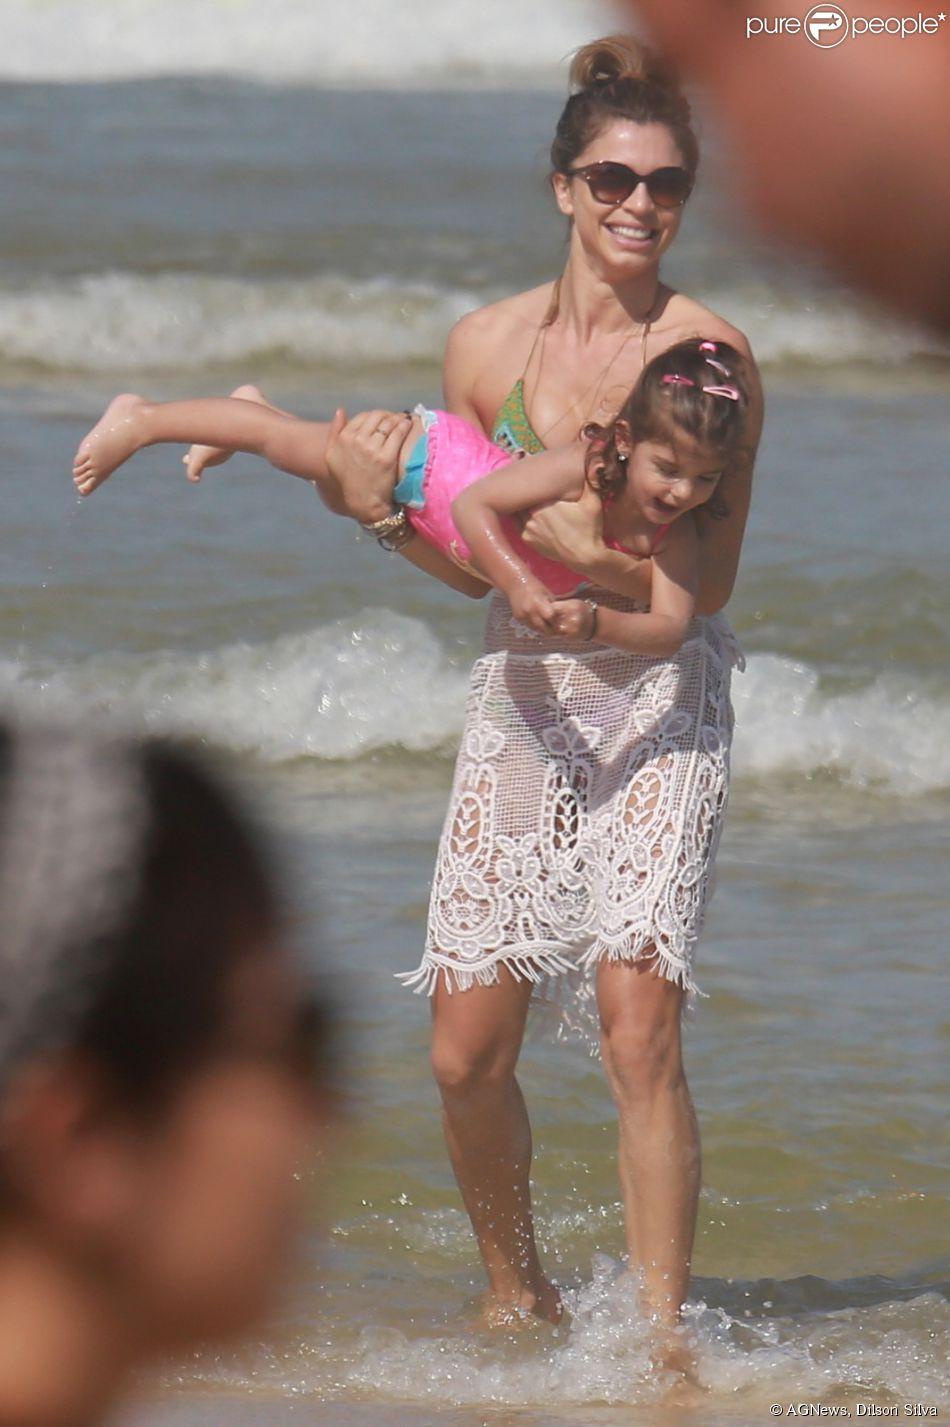 Grazi Massafera brinca com a filha, Sofia, na praia da Barra da Tijuca, Zona Oeste do Rio de Janeiro, neste sábado, 2 de agosto de 2014